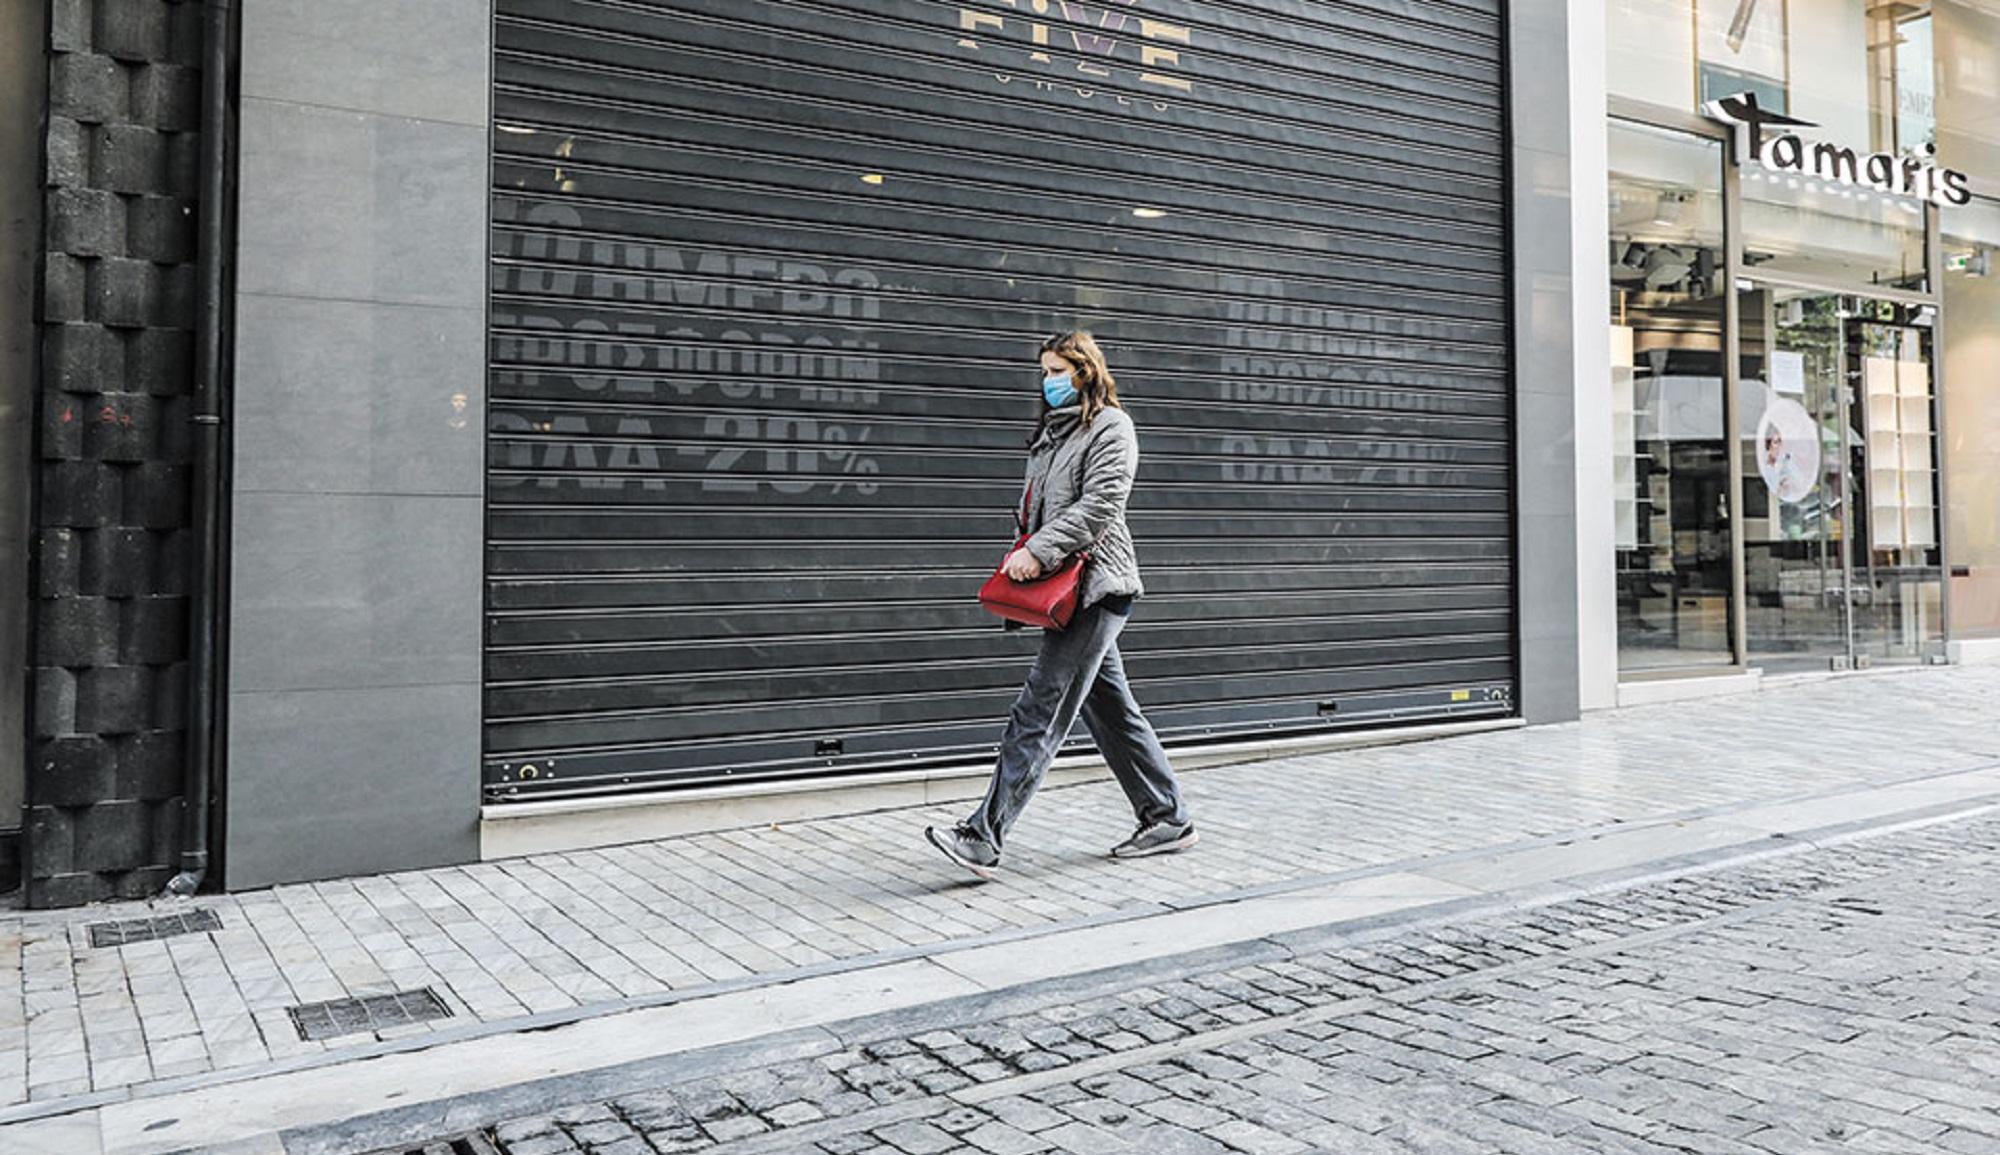 ΑΑΔΕ: Από τις 15 Μαρτίου θα αρχίσει η καταβολή αποζημιώσεων στους ιδιοκτήτες ακινήτων